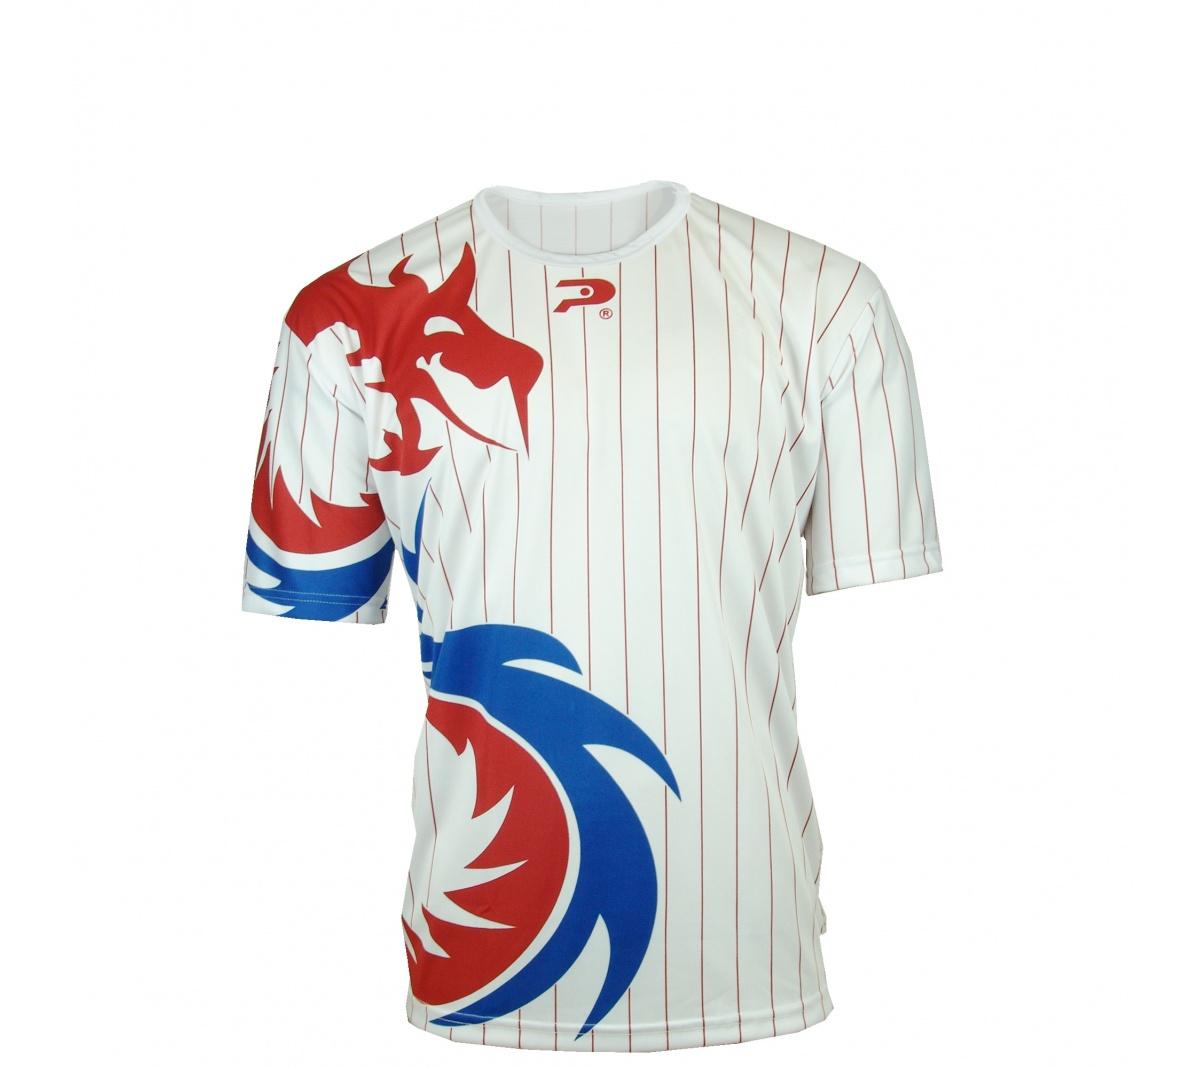 Camisa Placar Dragão Branco Azul Vermelho - Mundo do Futebol 49bbf0ed4008d